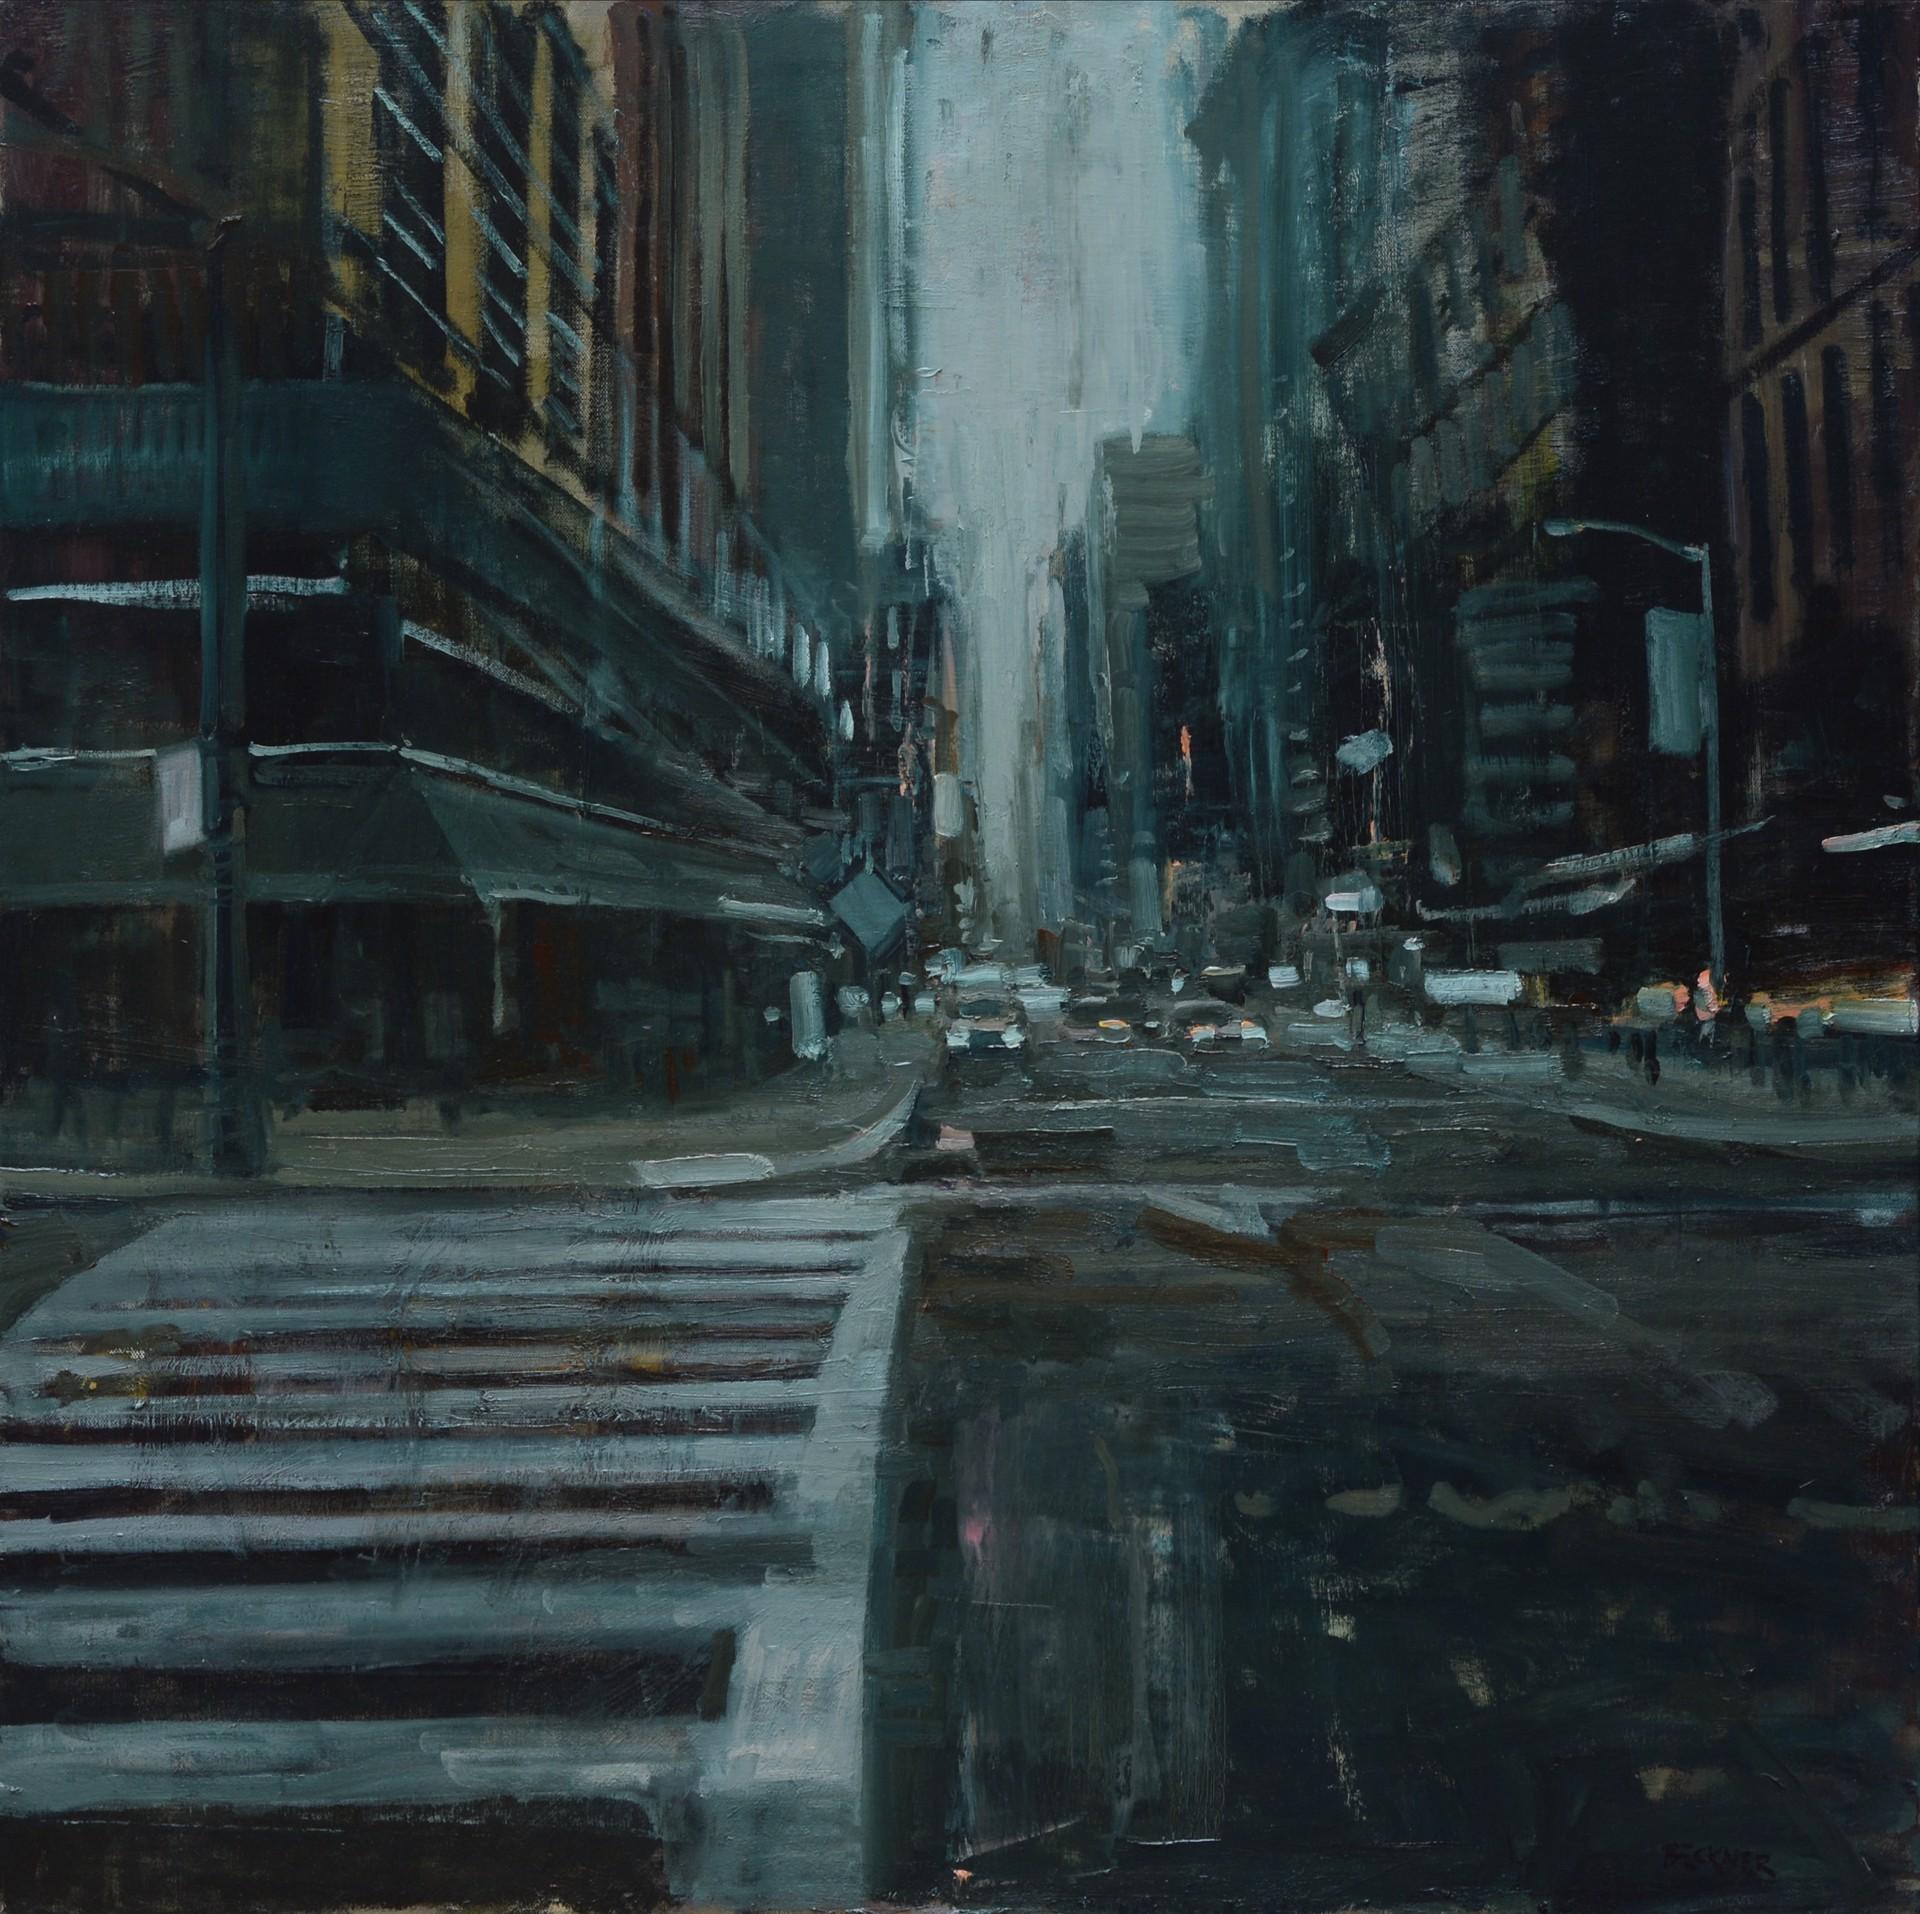 City #4 by Jim Beckner